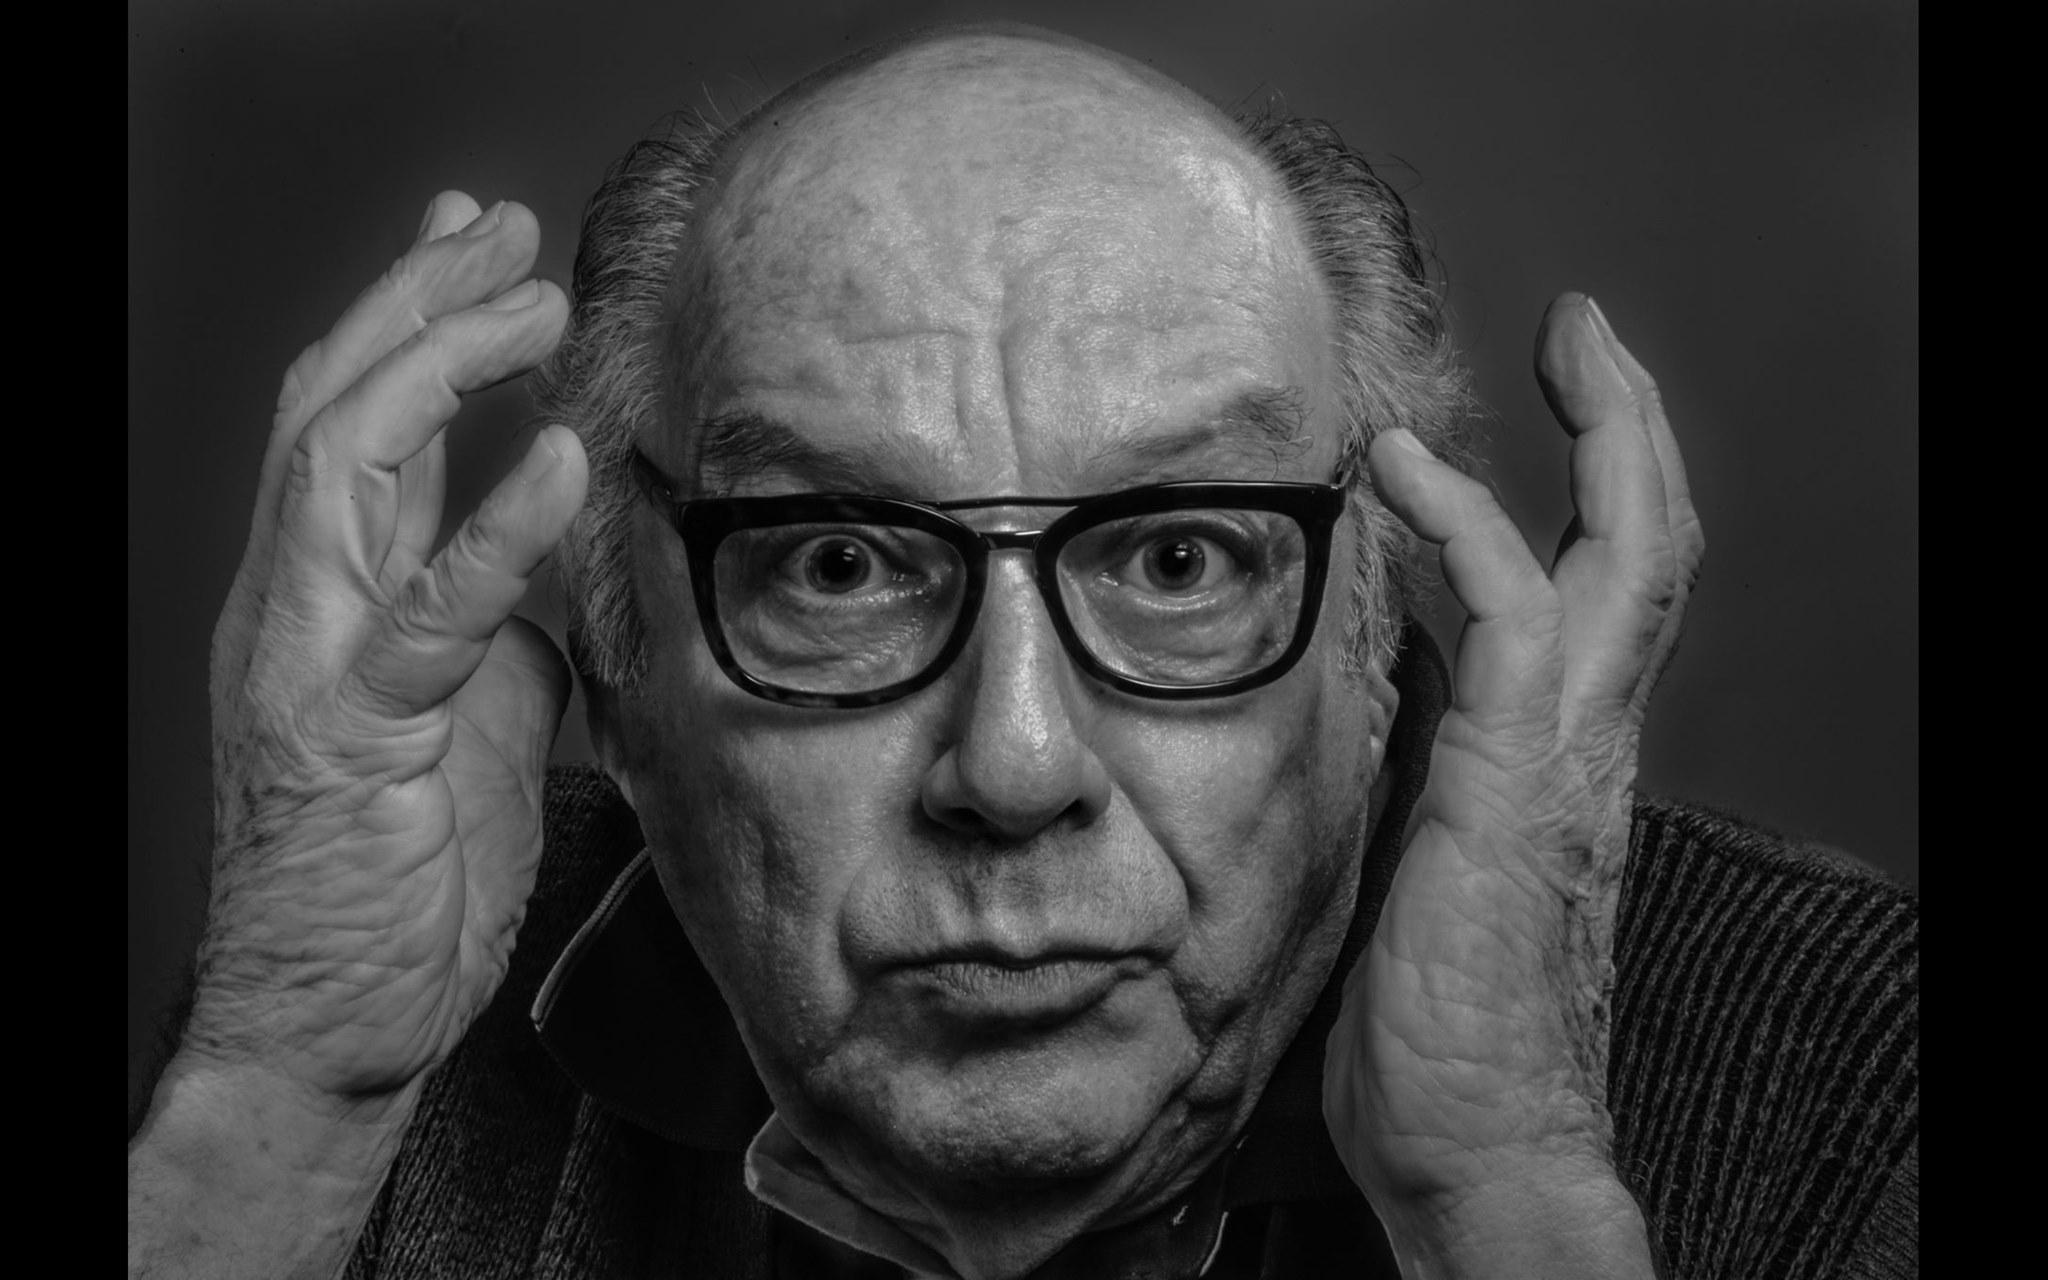 Vitíma de Covid-19, amparense Sérgio Jorge falece aos 83 anos